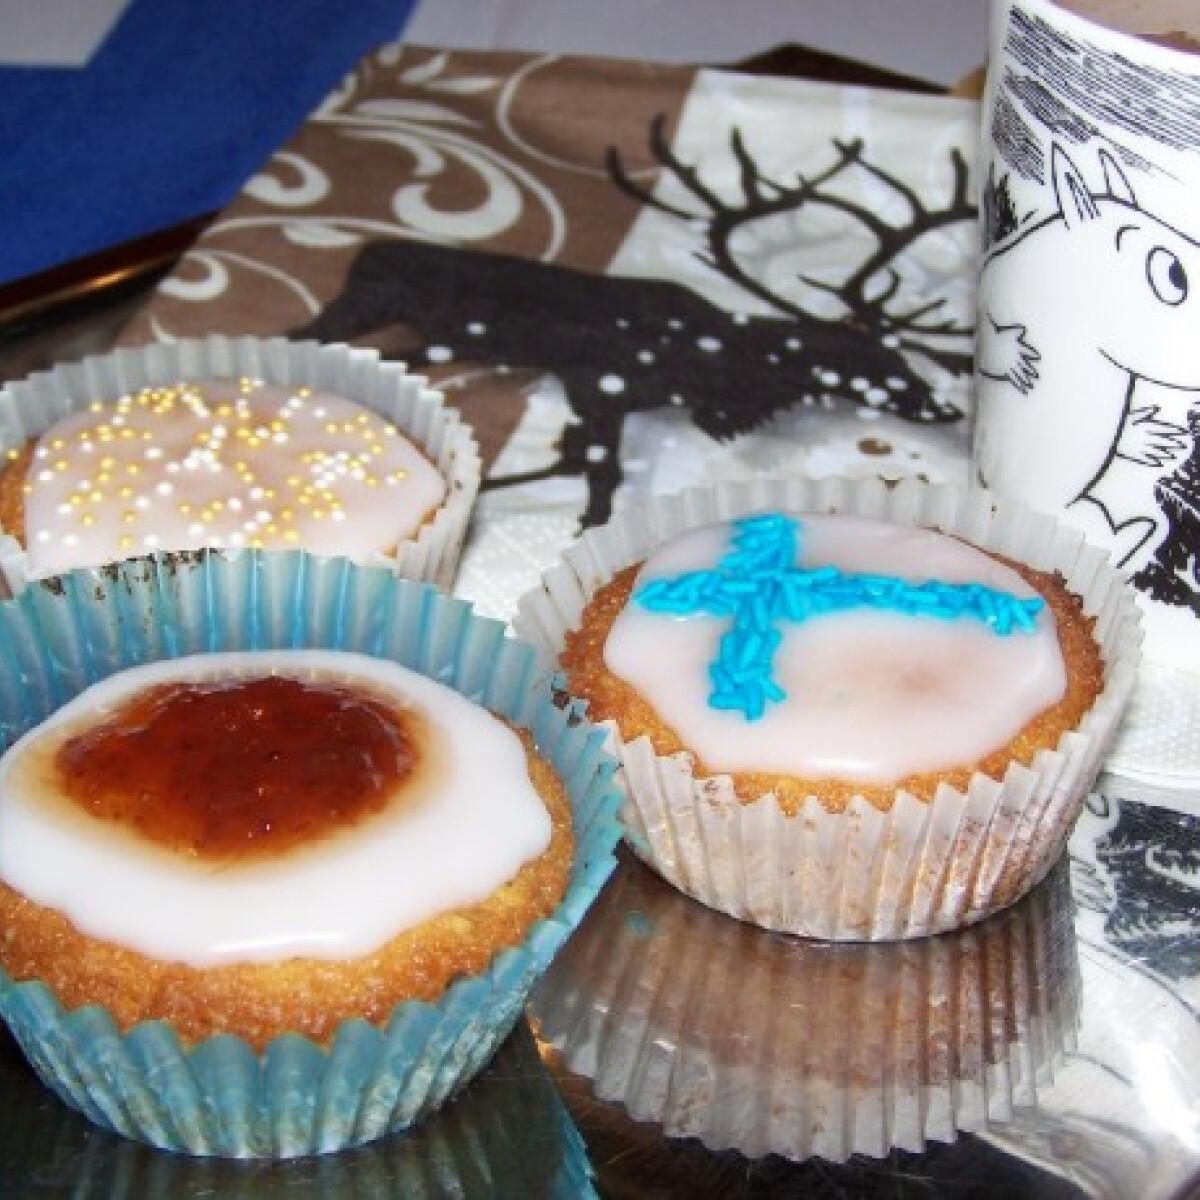 Ezen a képen: Runebergintorttu vagy Runeberg muffin